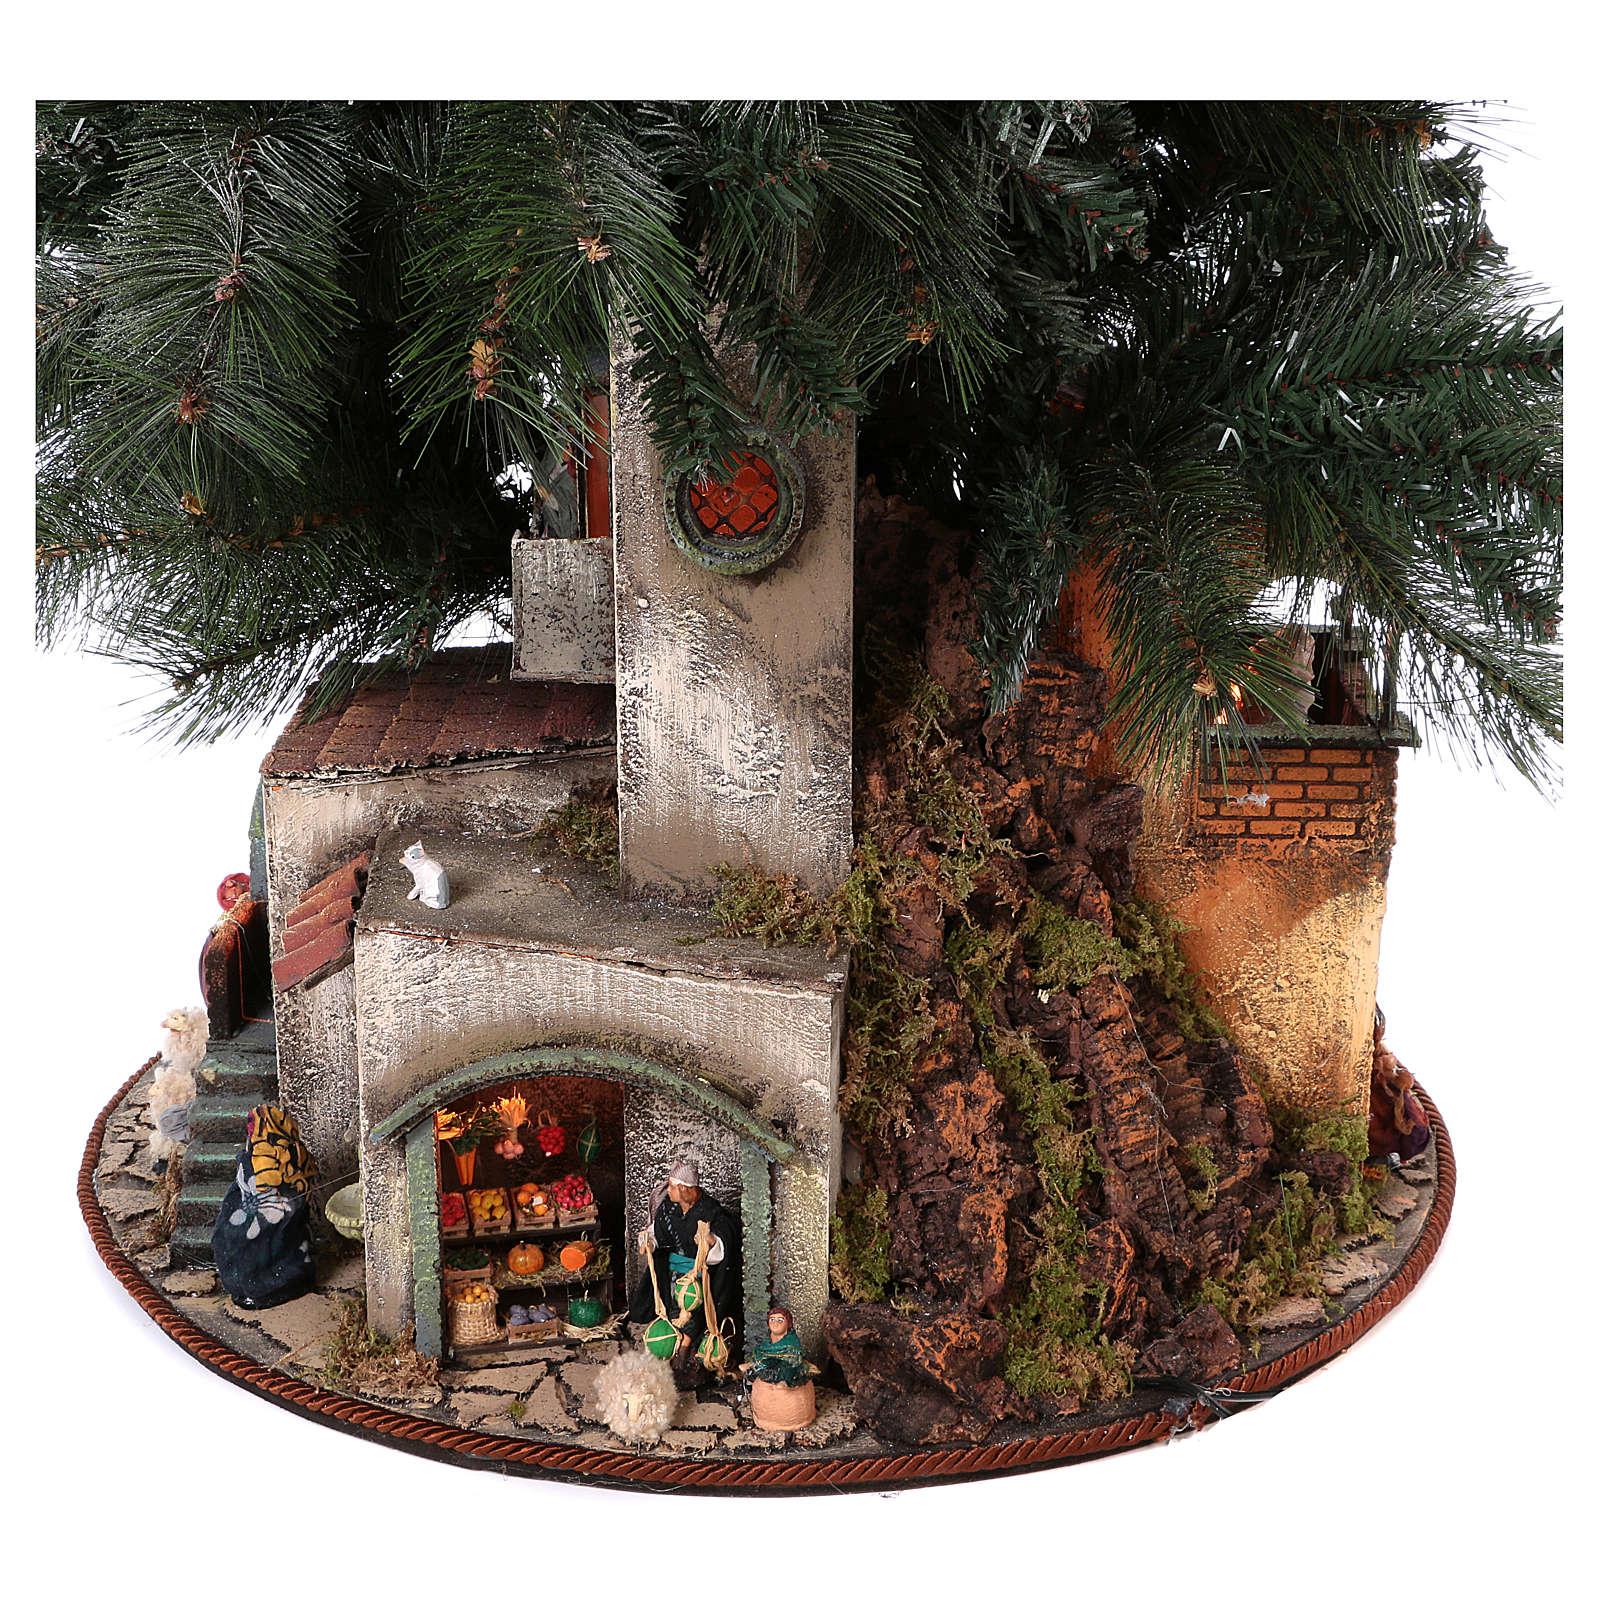 Presépio-Árvore de Natal 150 cm figuras altura média 8 cm Presépio Napolitano 4